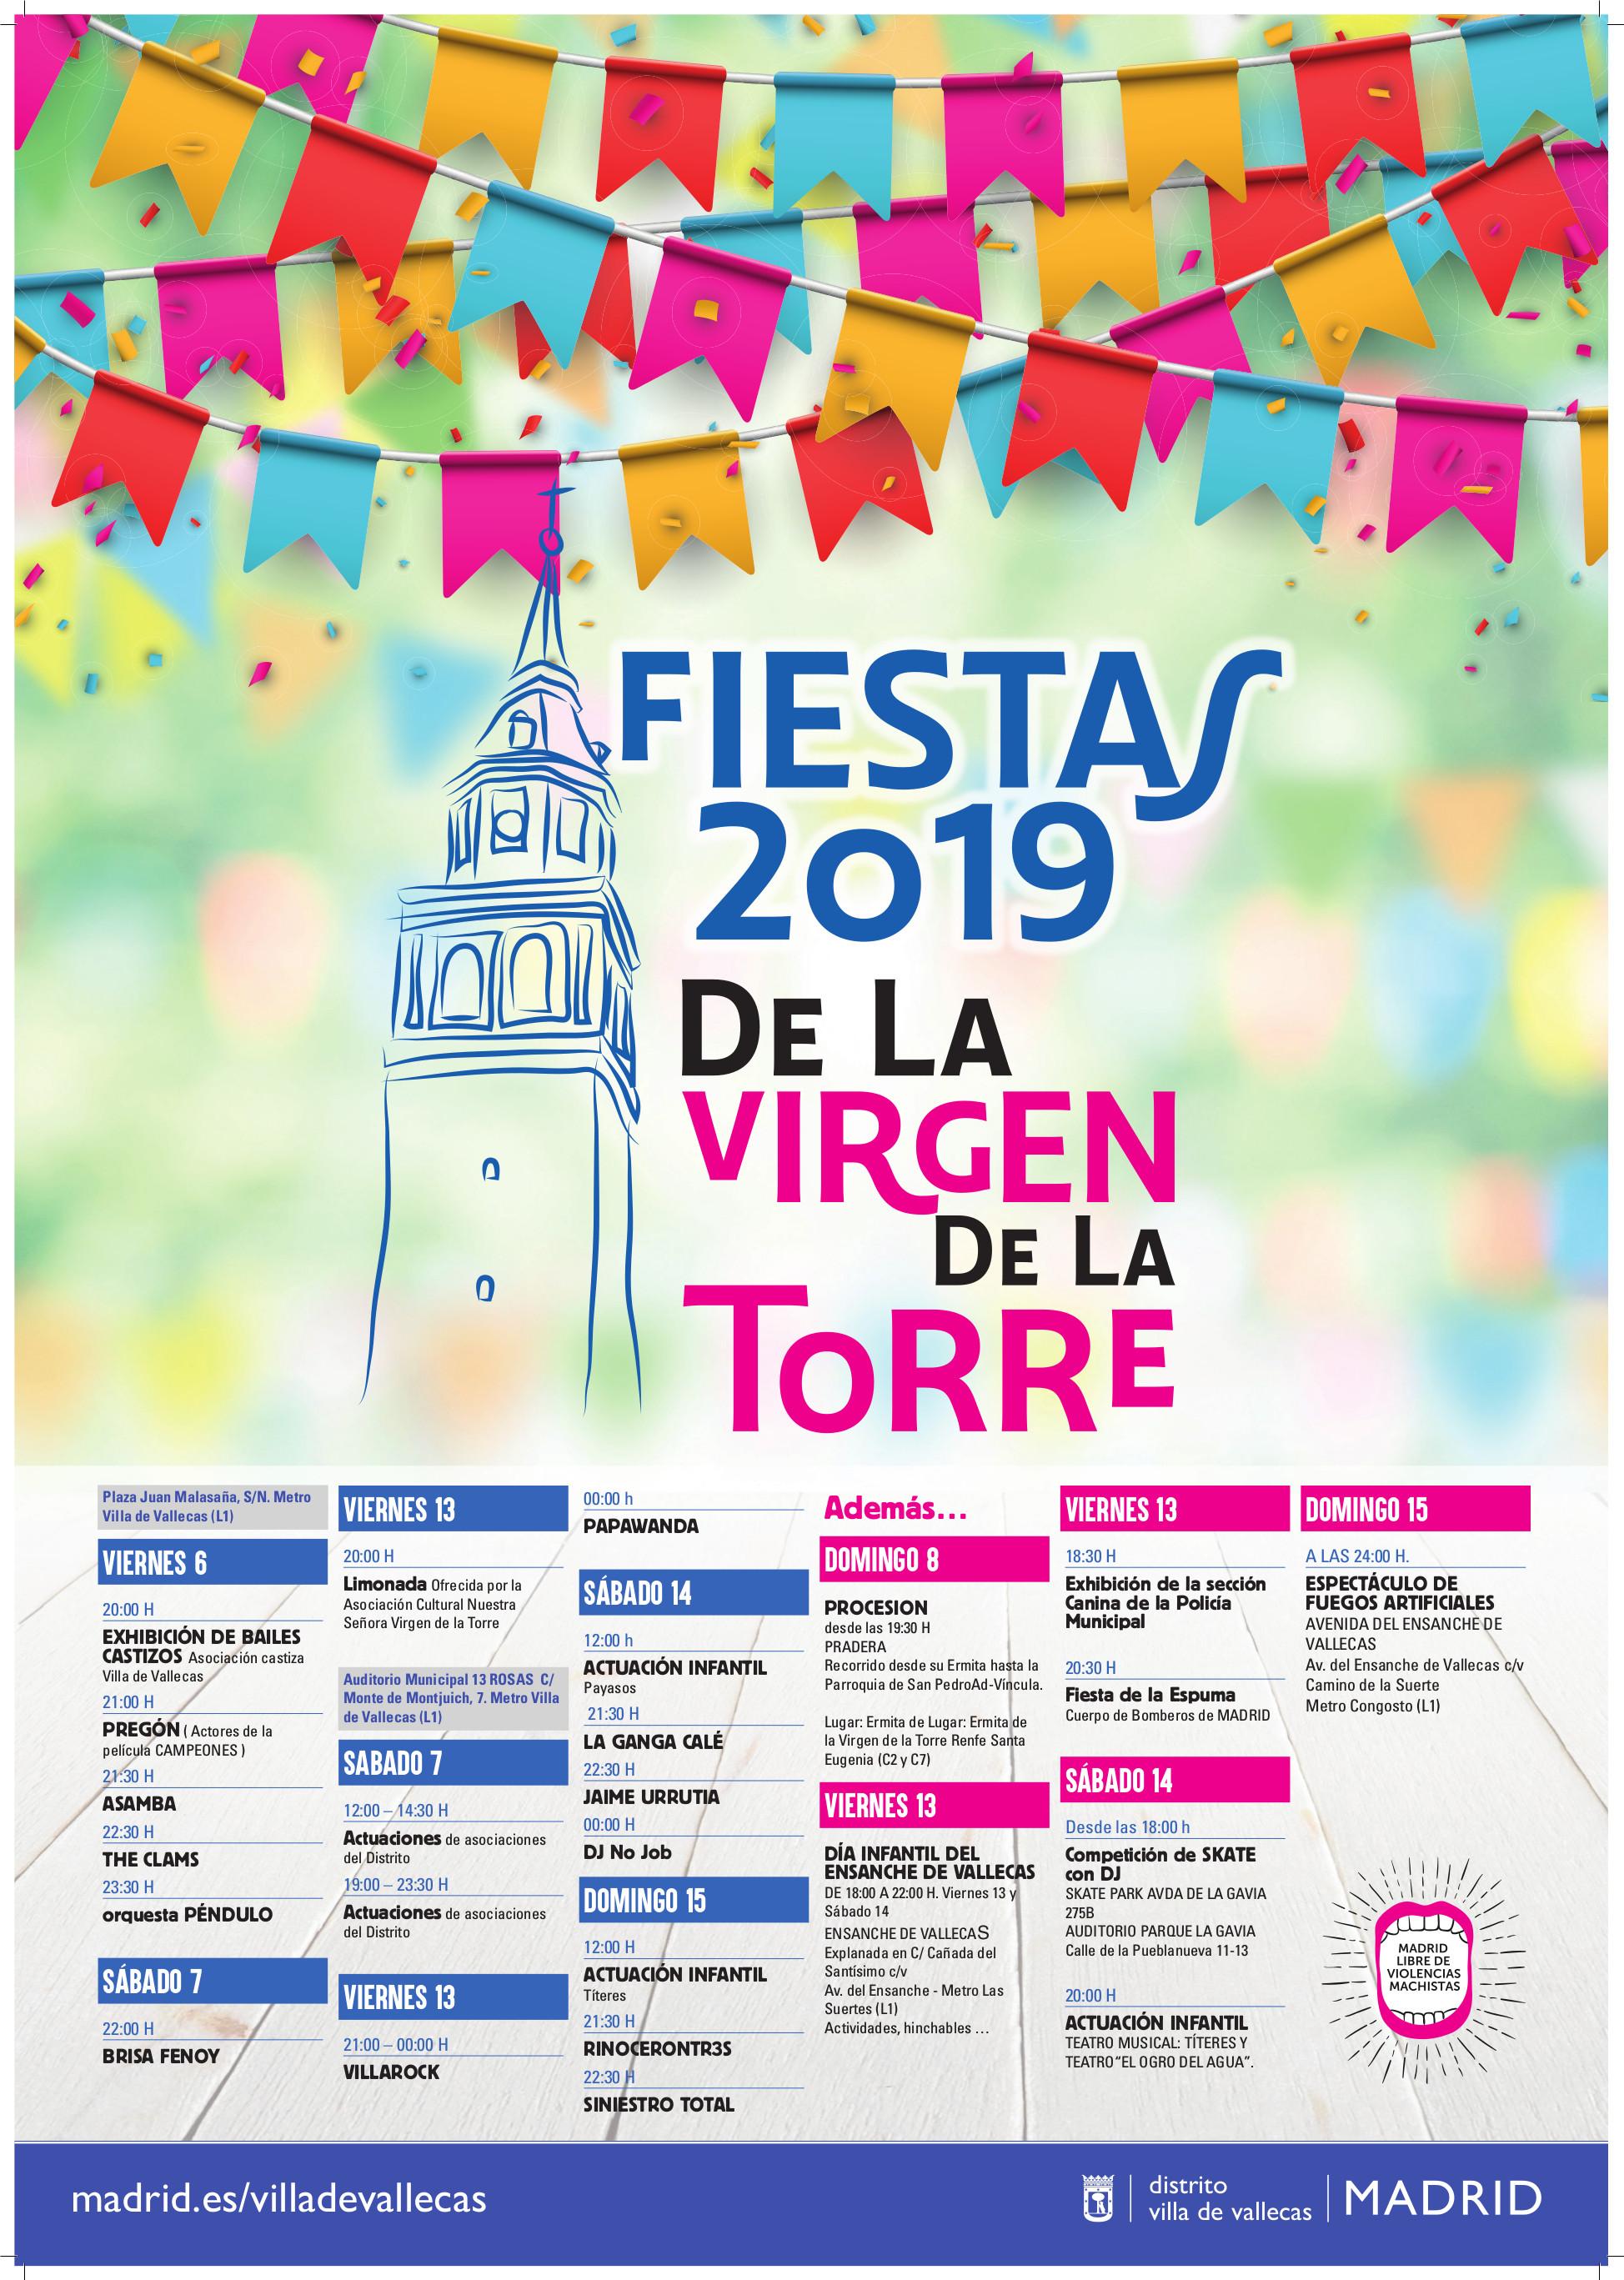 Fiestas de la Virgen de la Torre Vallecas 2019